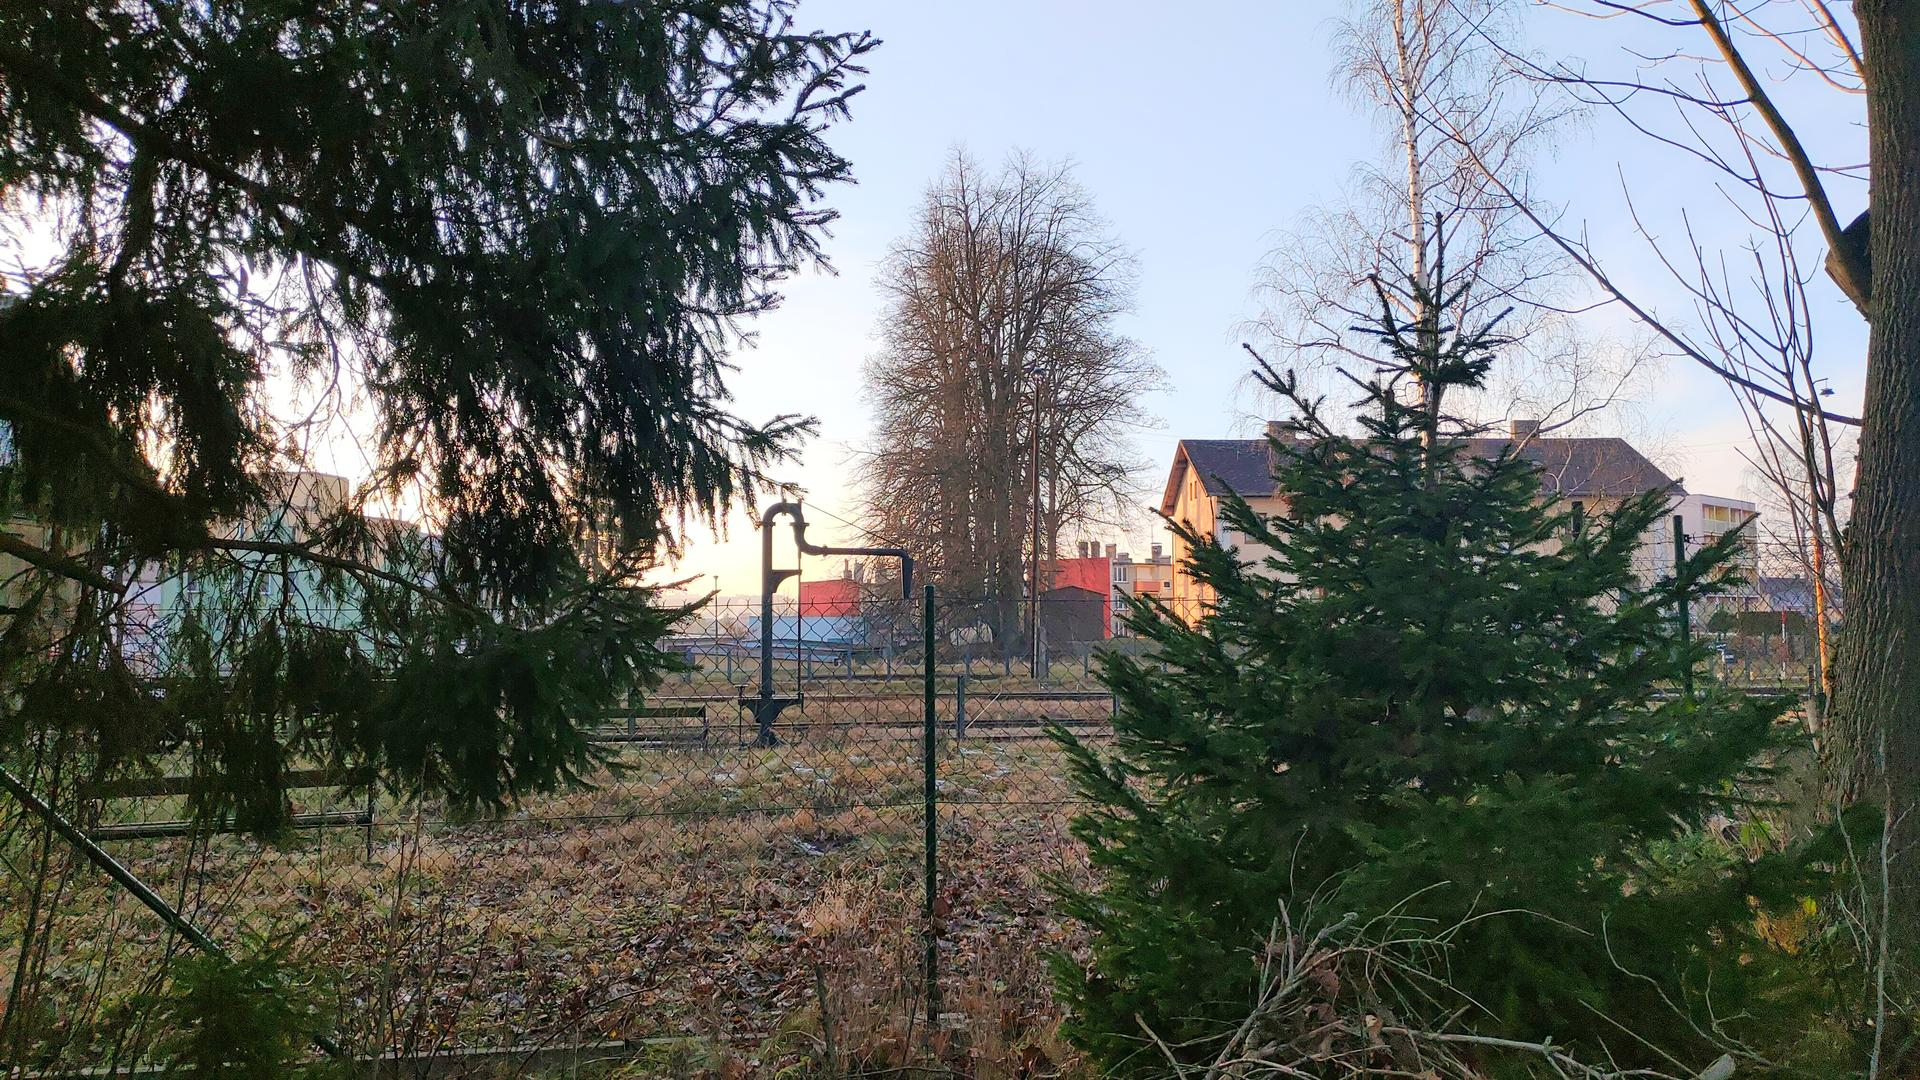 Projekt víkendové bydlení II (aneb návrat ke kořenům) - budoucí výhled z obýváku